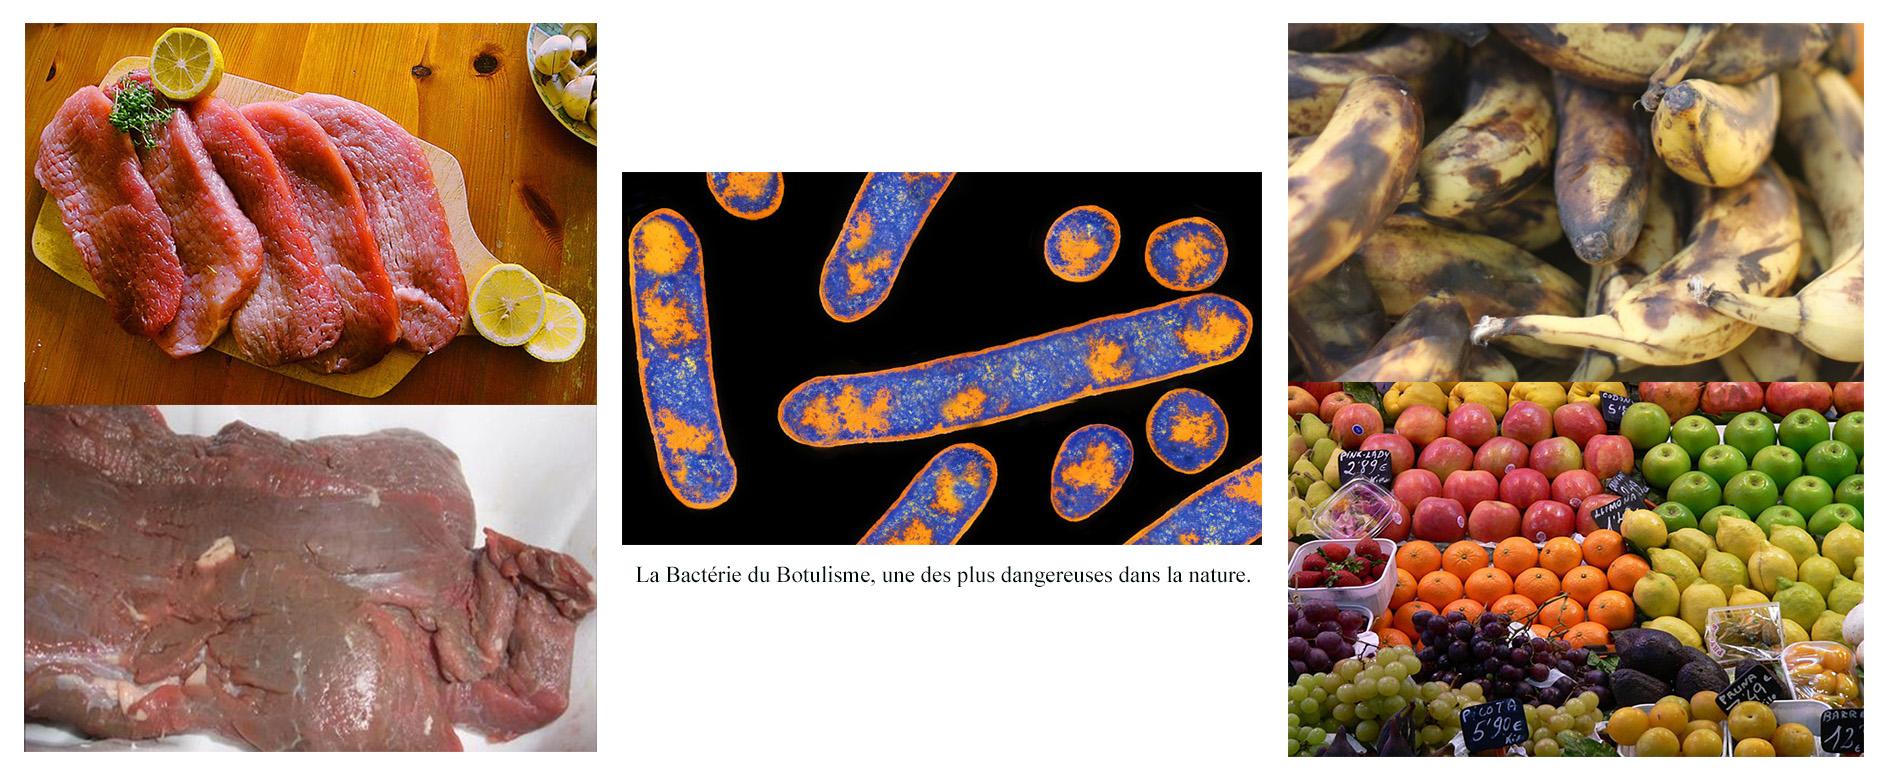 Longue vie aux aliments groupe coub che djibouti - Provoquer une fausse couche naturellement ...